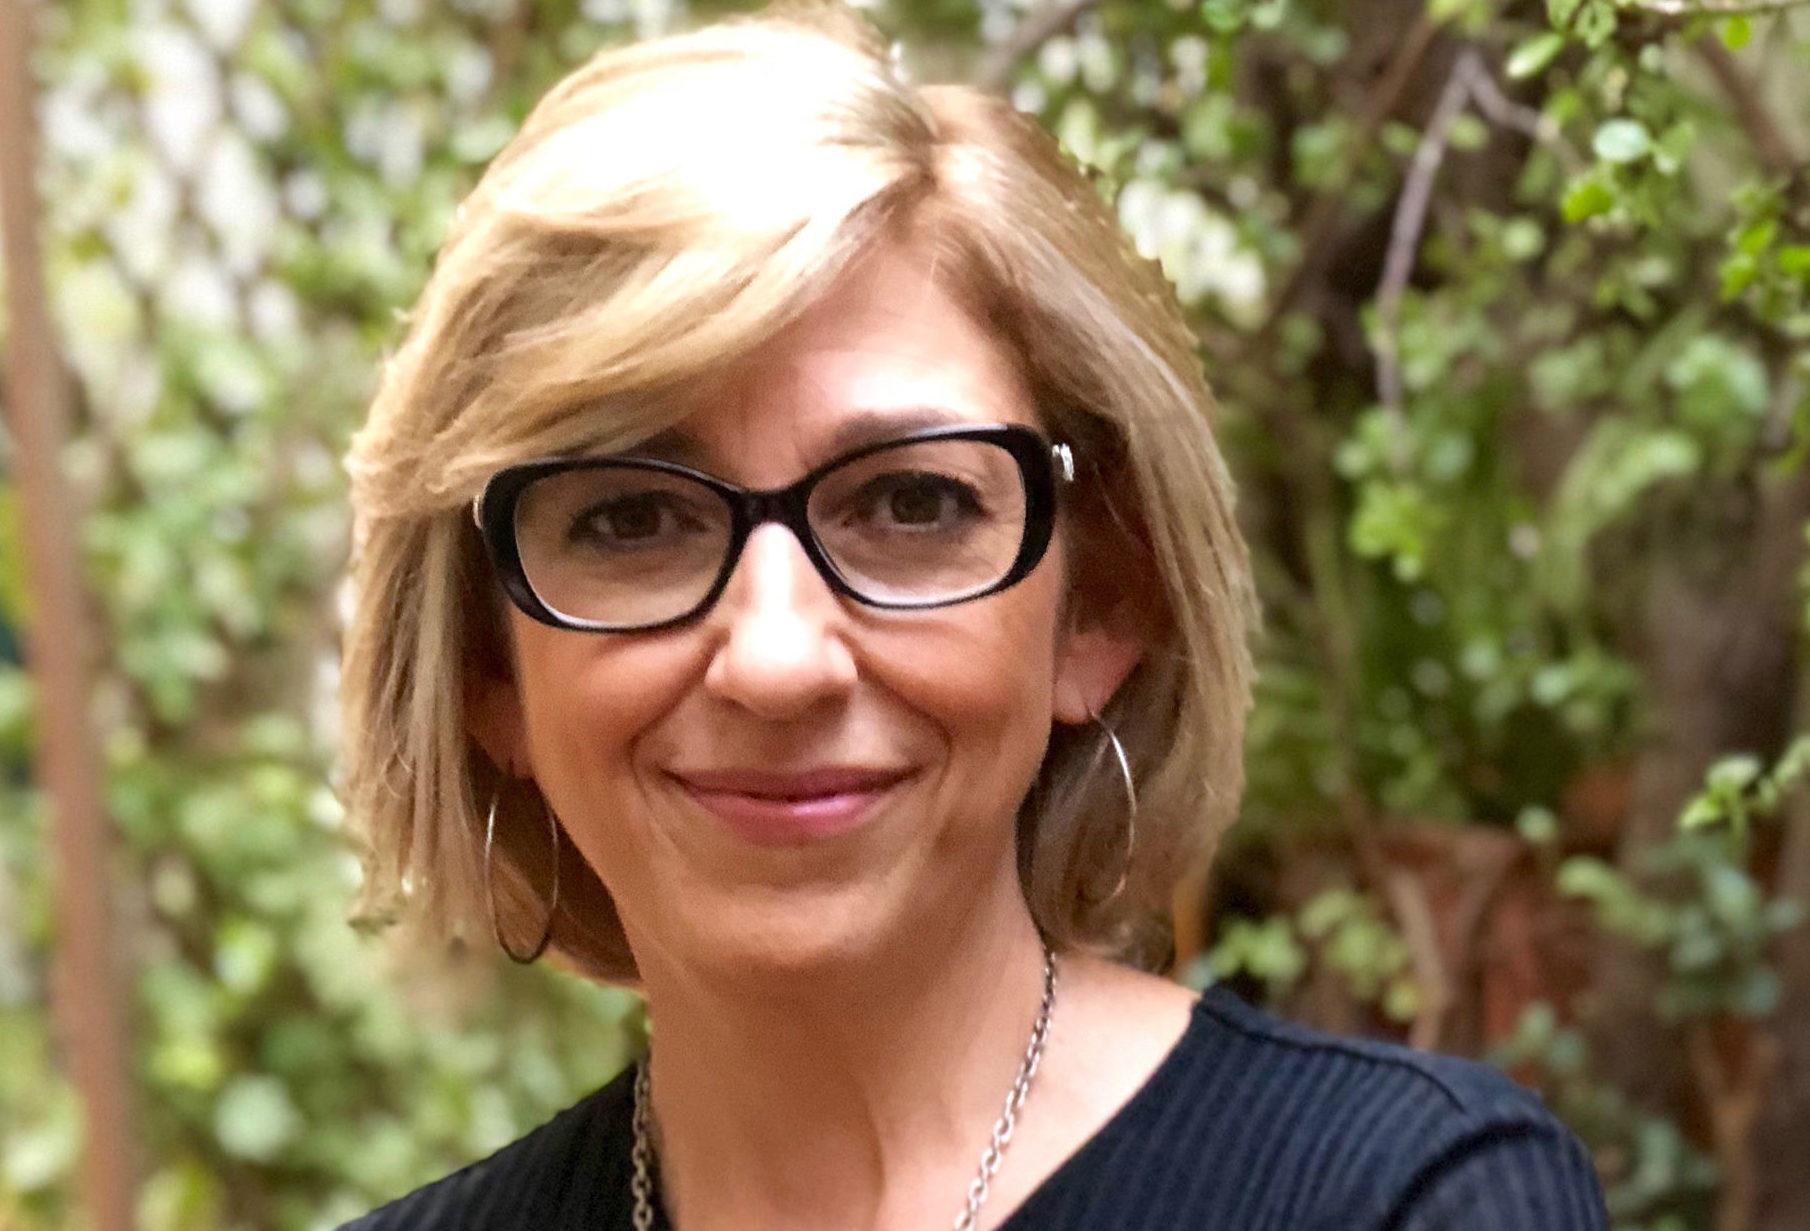 Christina Dalcher (HQ/PA)